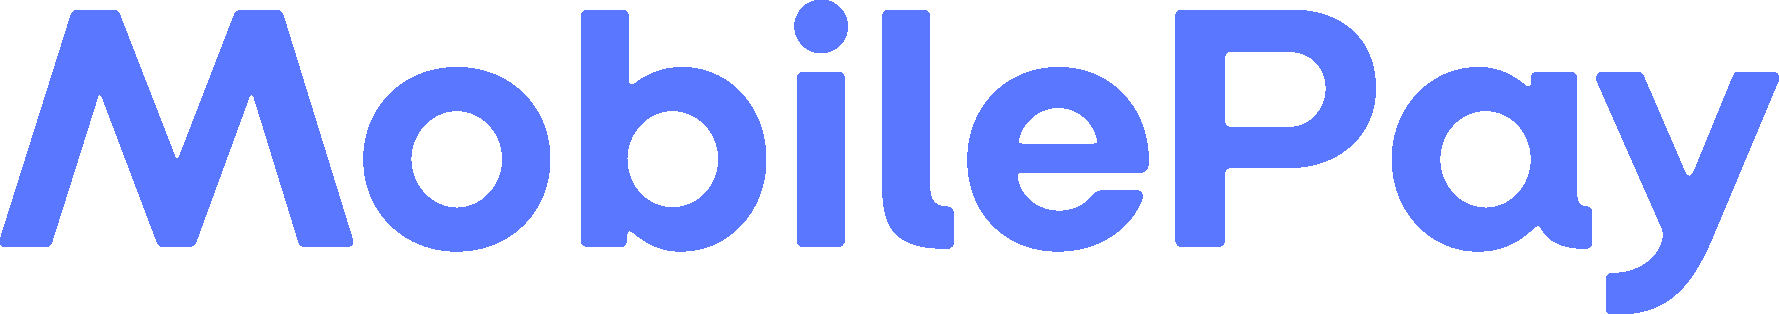 Mobilepay Logo png